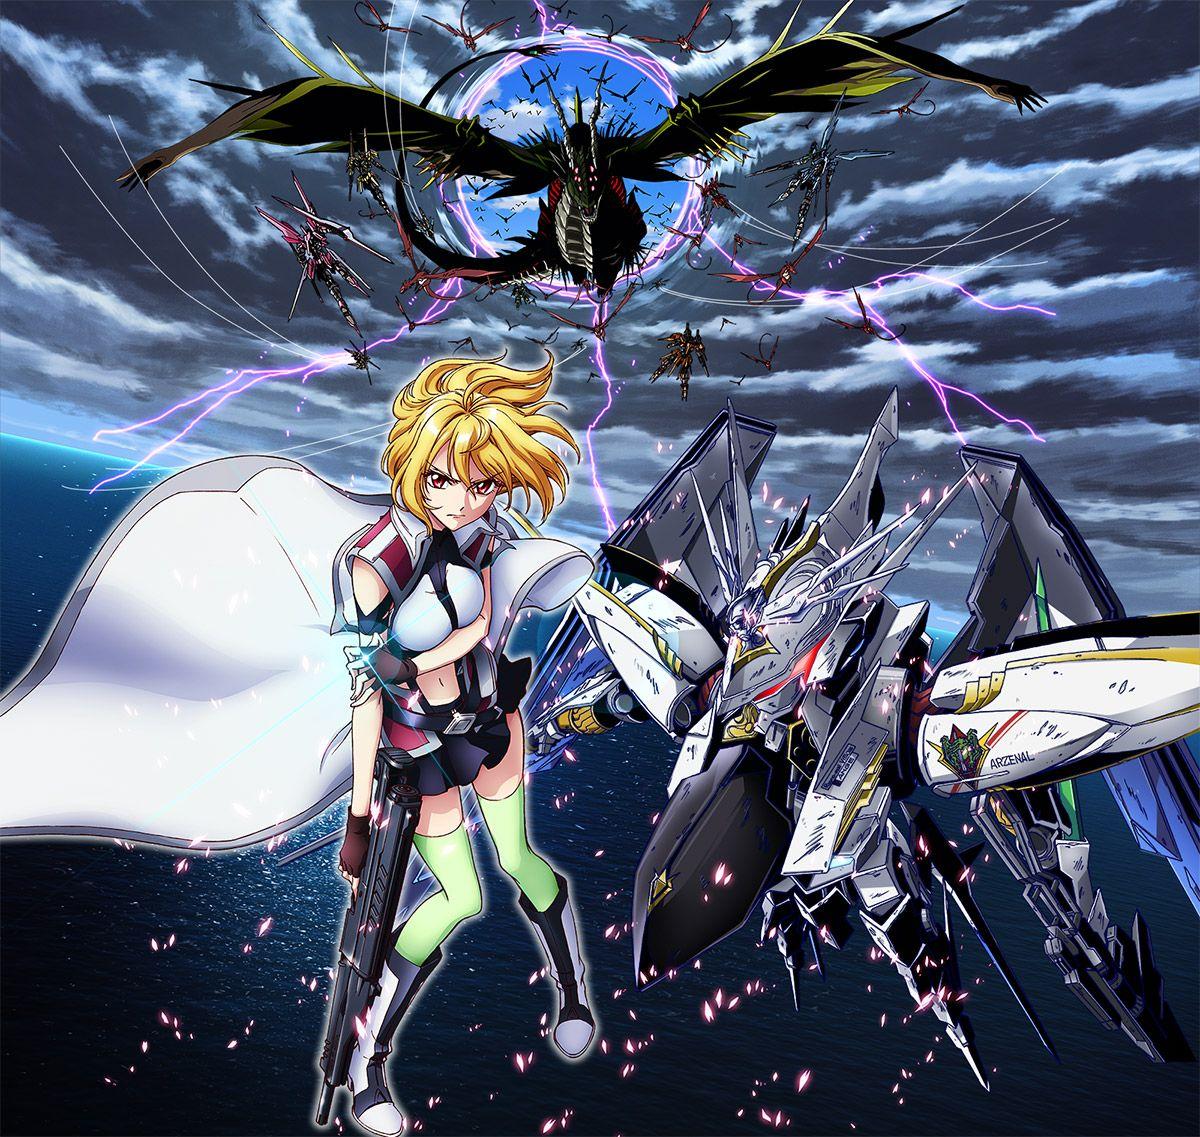 クロスアンジュ 天使と竜の輪舞(画像あり) クロスアンジュ 天使と竜の輪舞, クロスアンジュ, アニメ